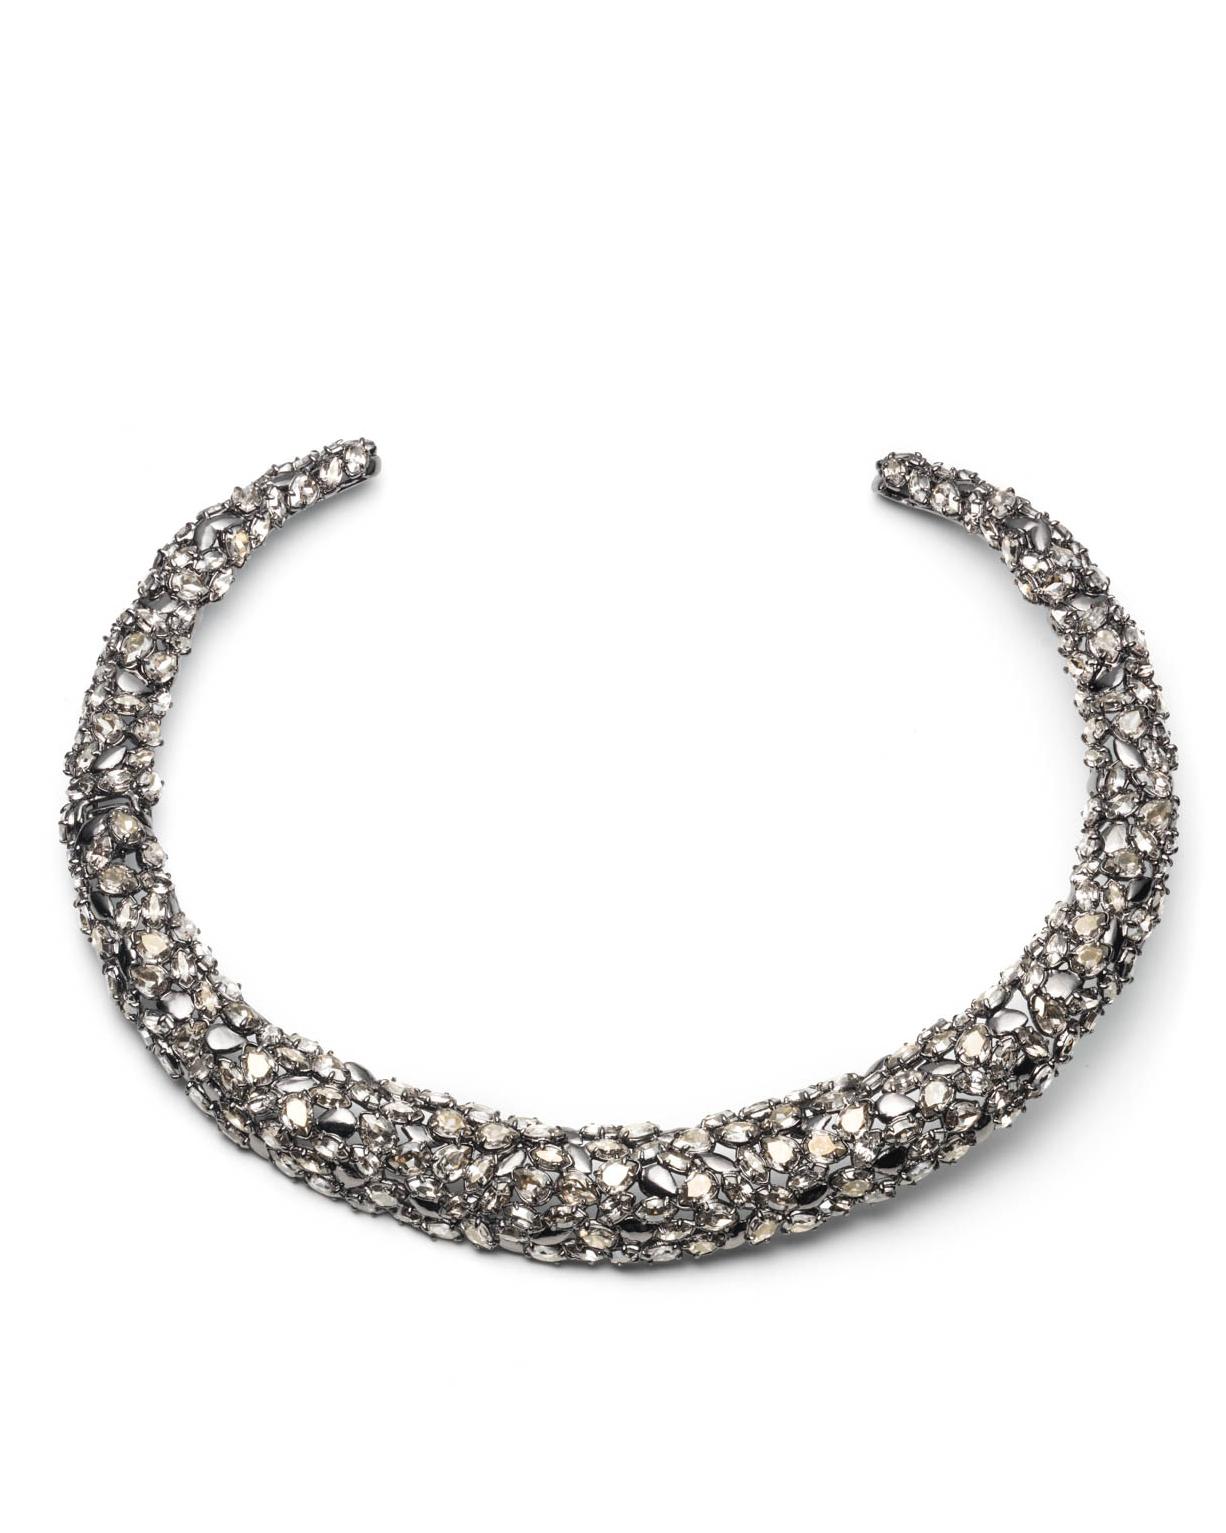 sparkly-accessories-alexis-bittar-1215.jpg